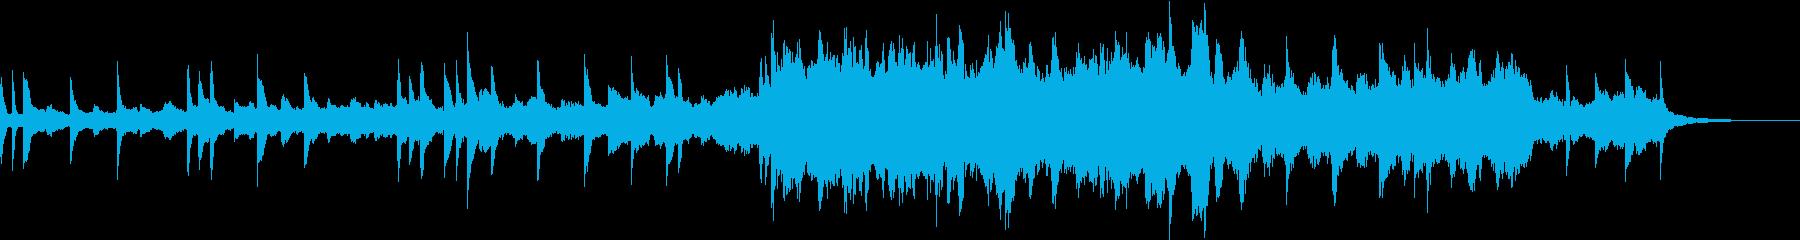 ピアノとストリングスの切ないバラードの再生済みの波形